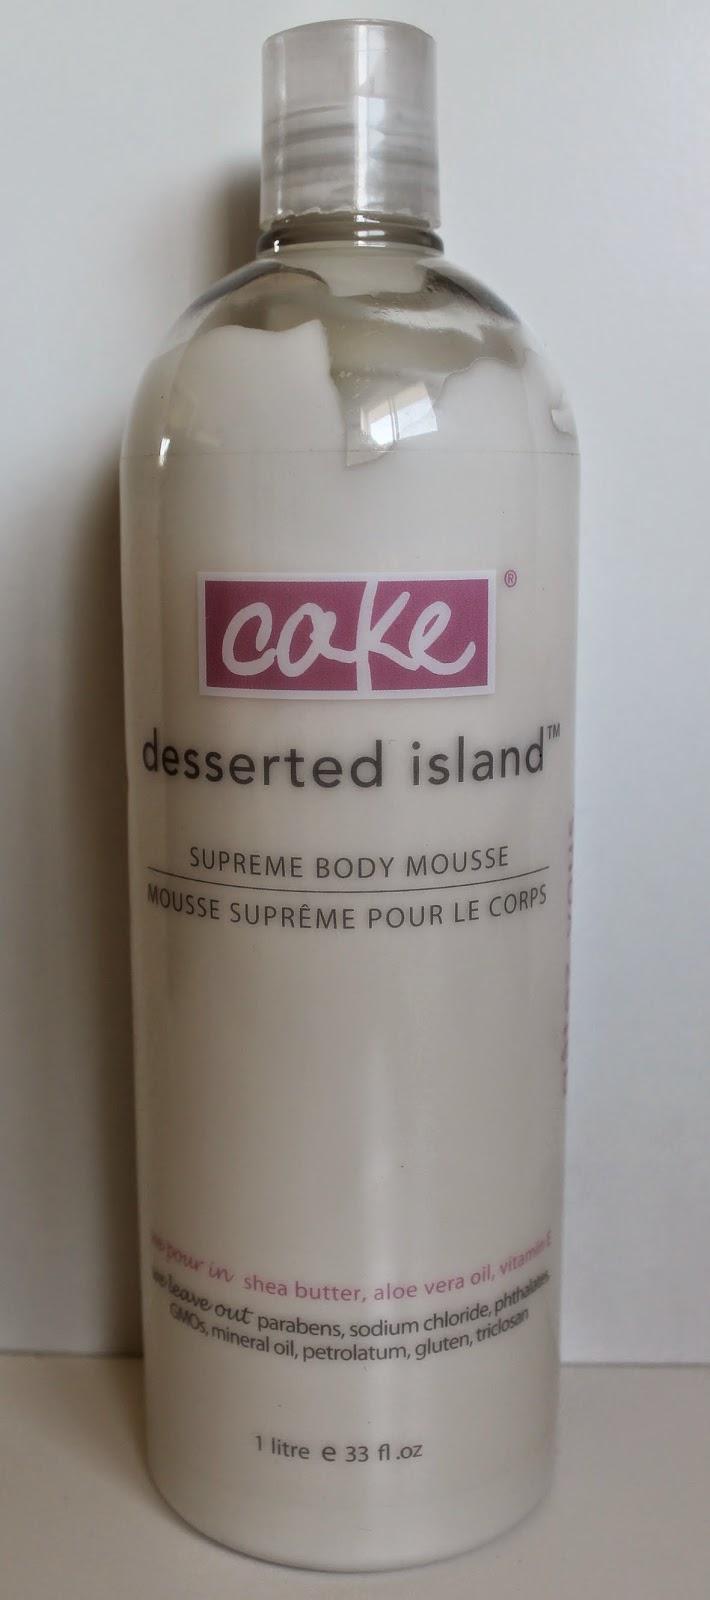 Mousse suprême pour le corps Cake Beauty